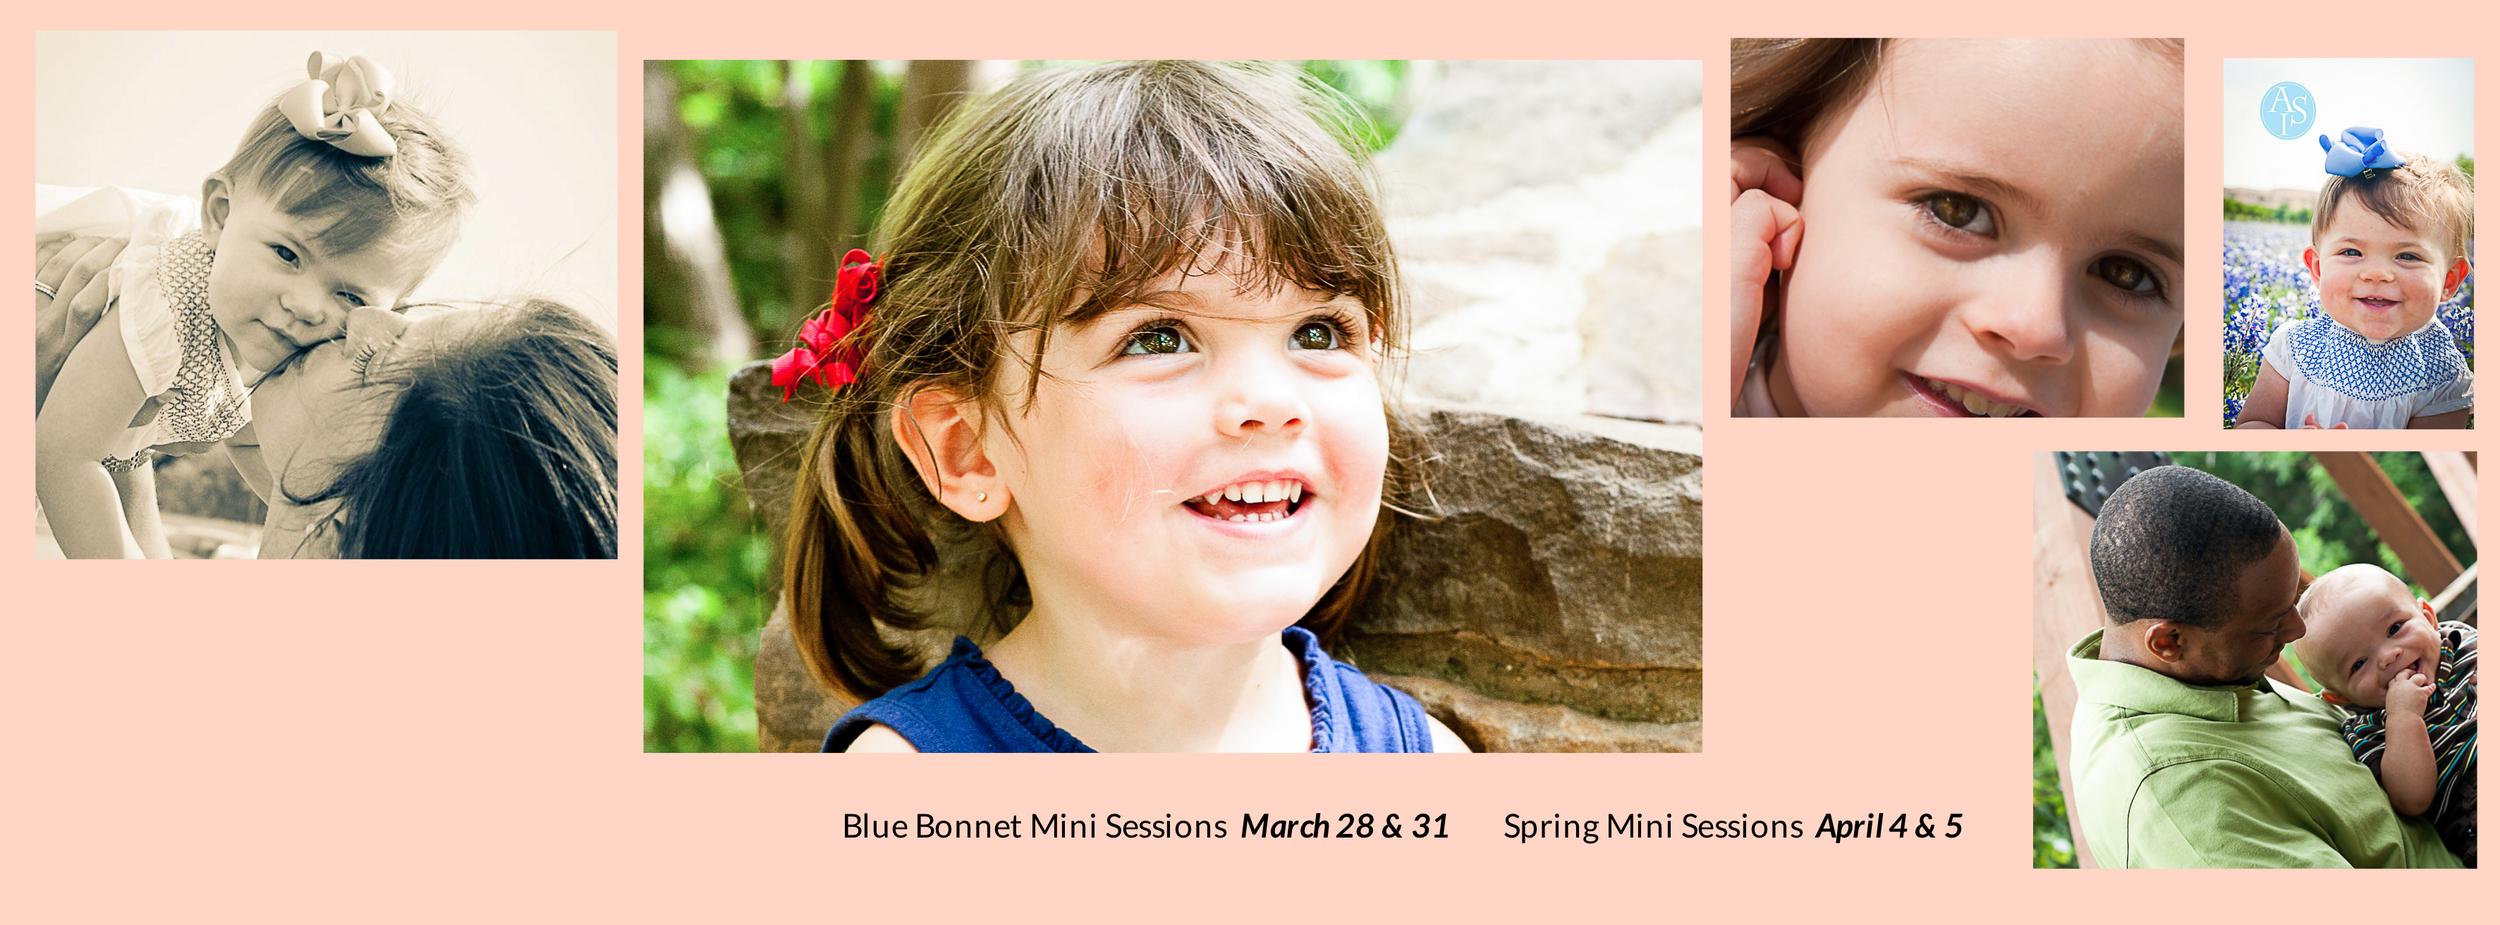 Spring Minis 2014